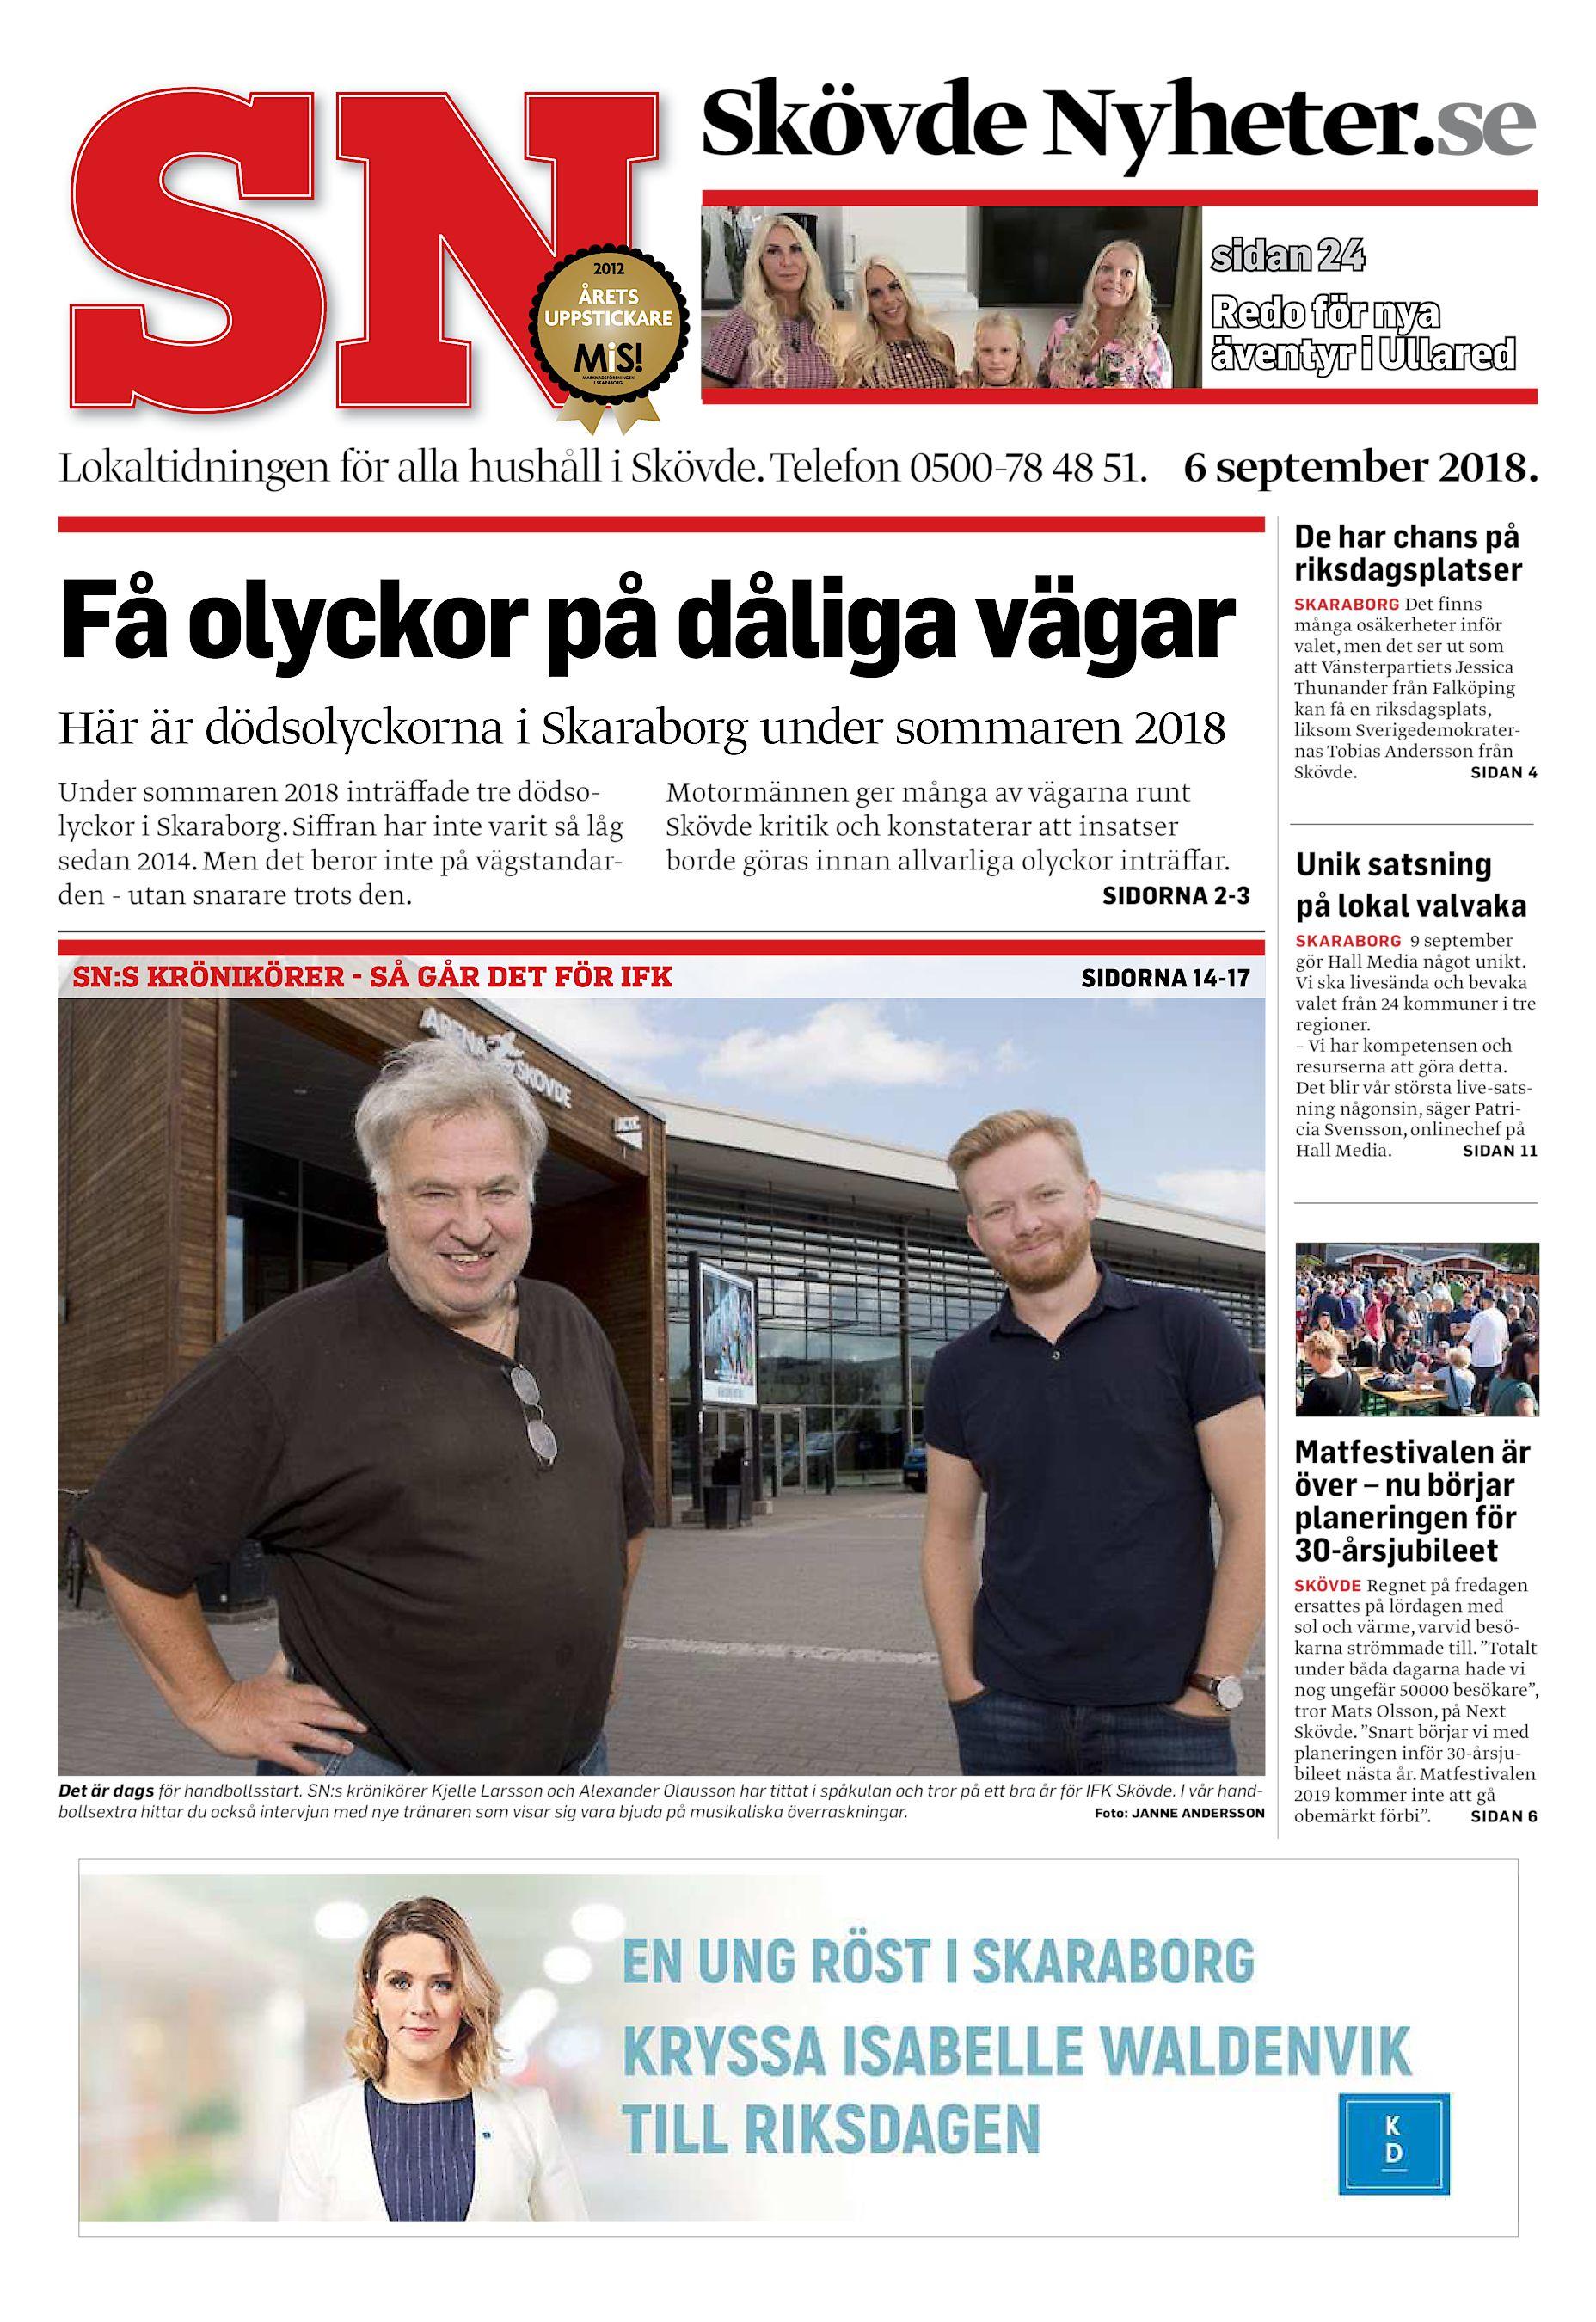 9ded4922b5cd Skövde Nyheter.se sidan 24 Redo för nya äventyr i Ullared Lokaltidningen  för alla hushåll i Skövde. Telefon 0500-78 48 51. 6 september 2018.